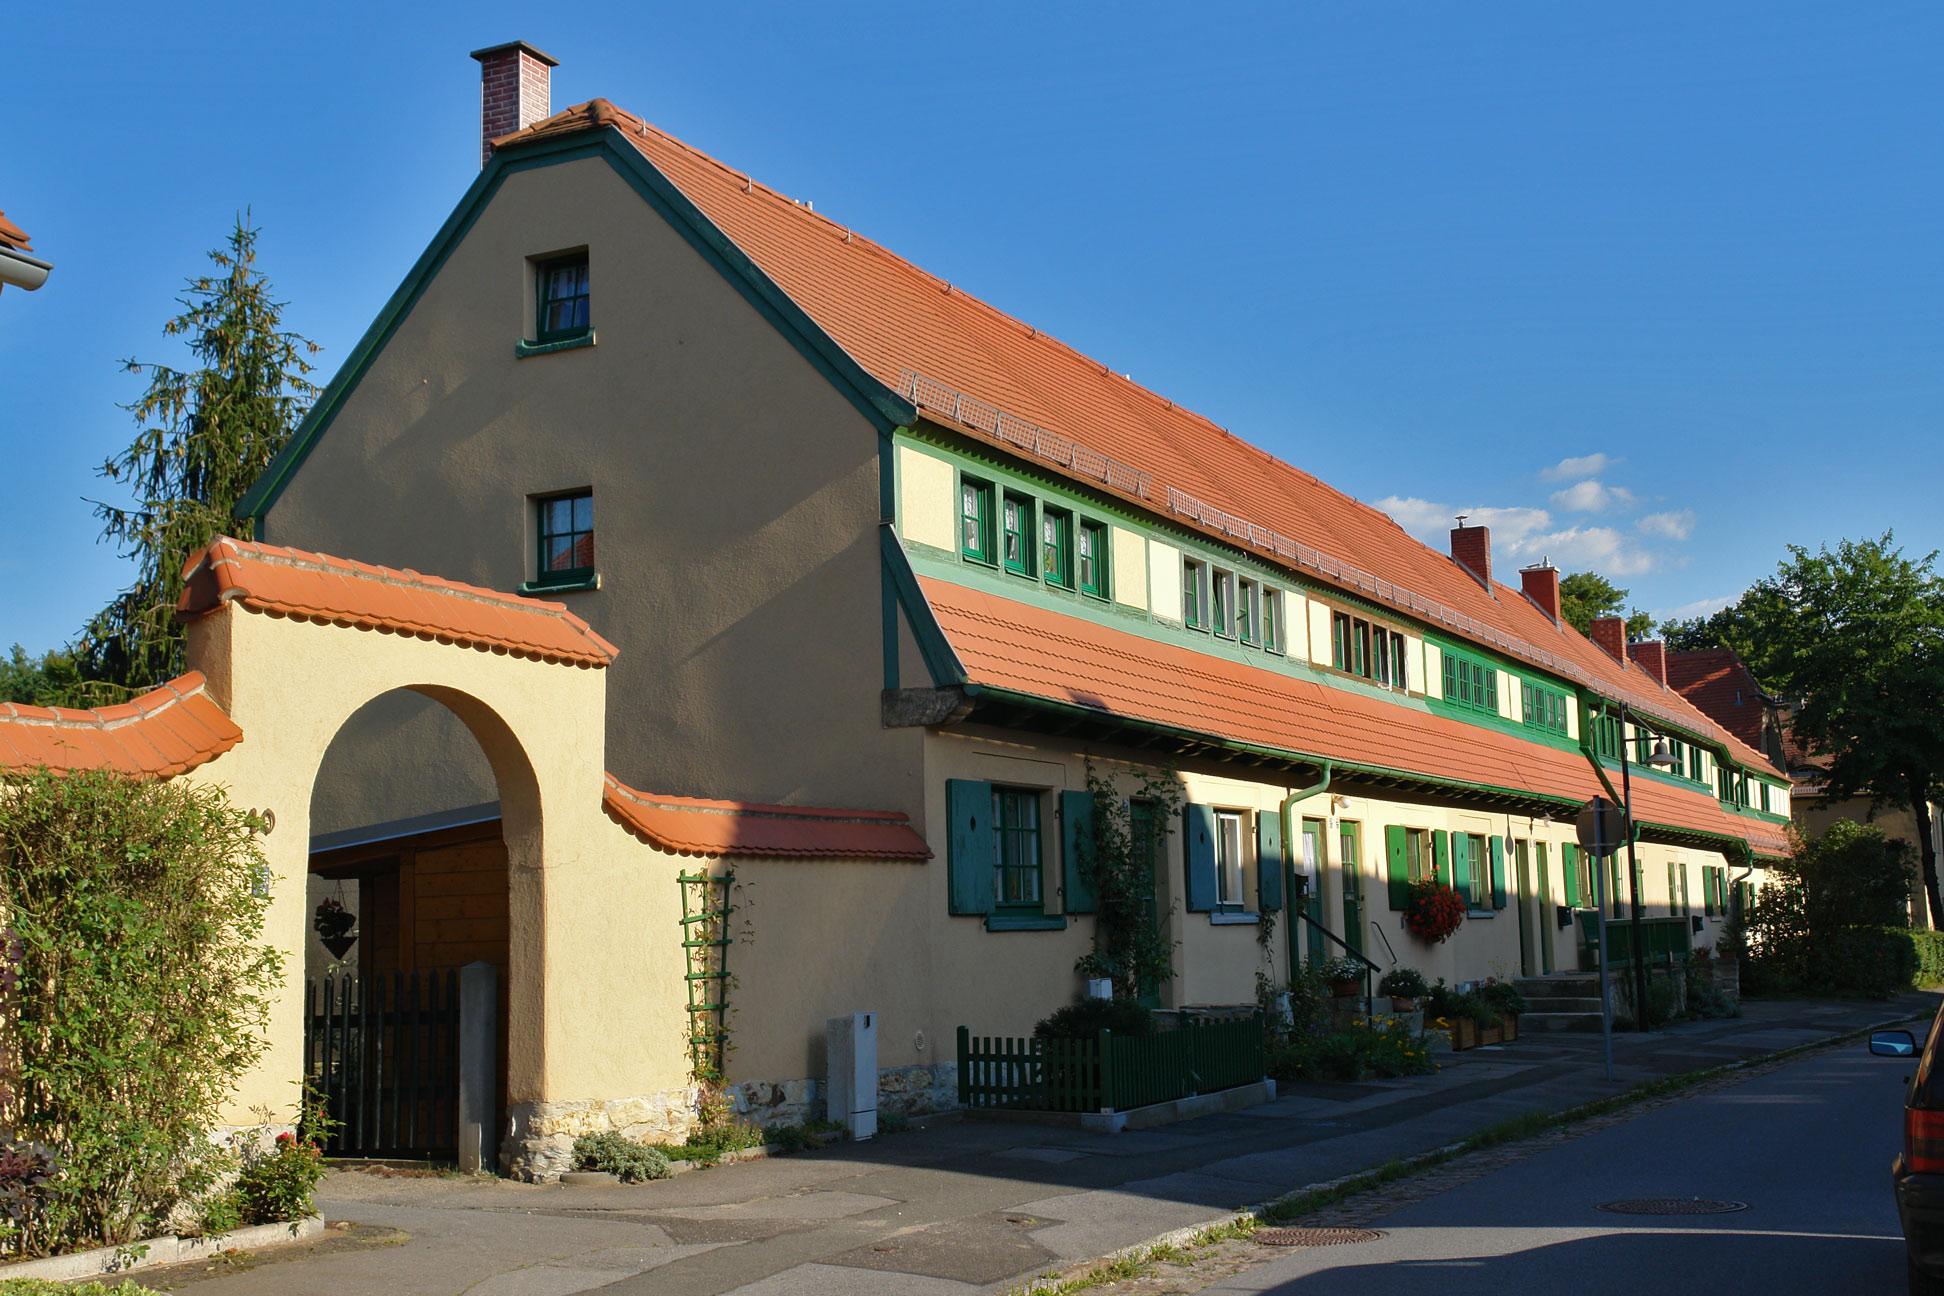 Liste der Kulturdenkmale in Hellerau - Wikiwand